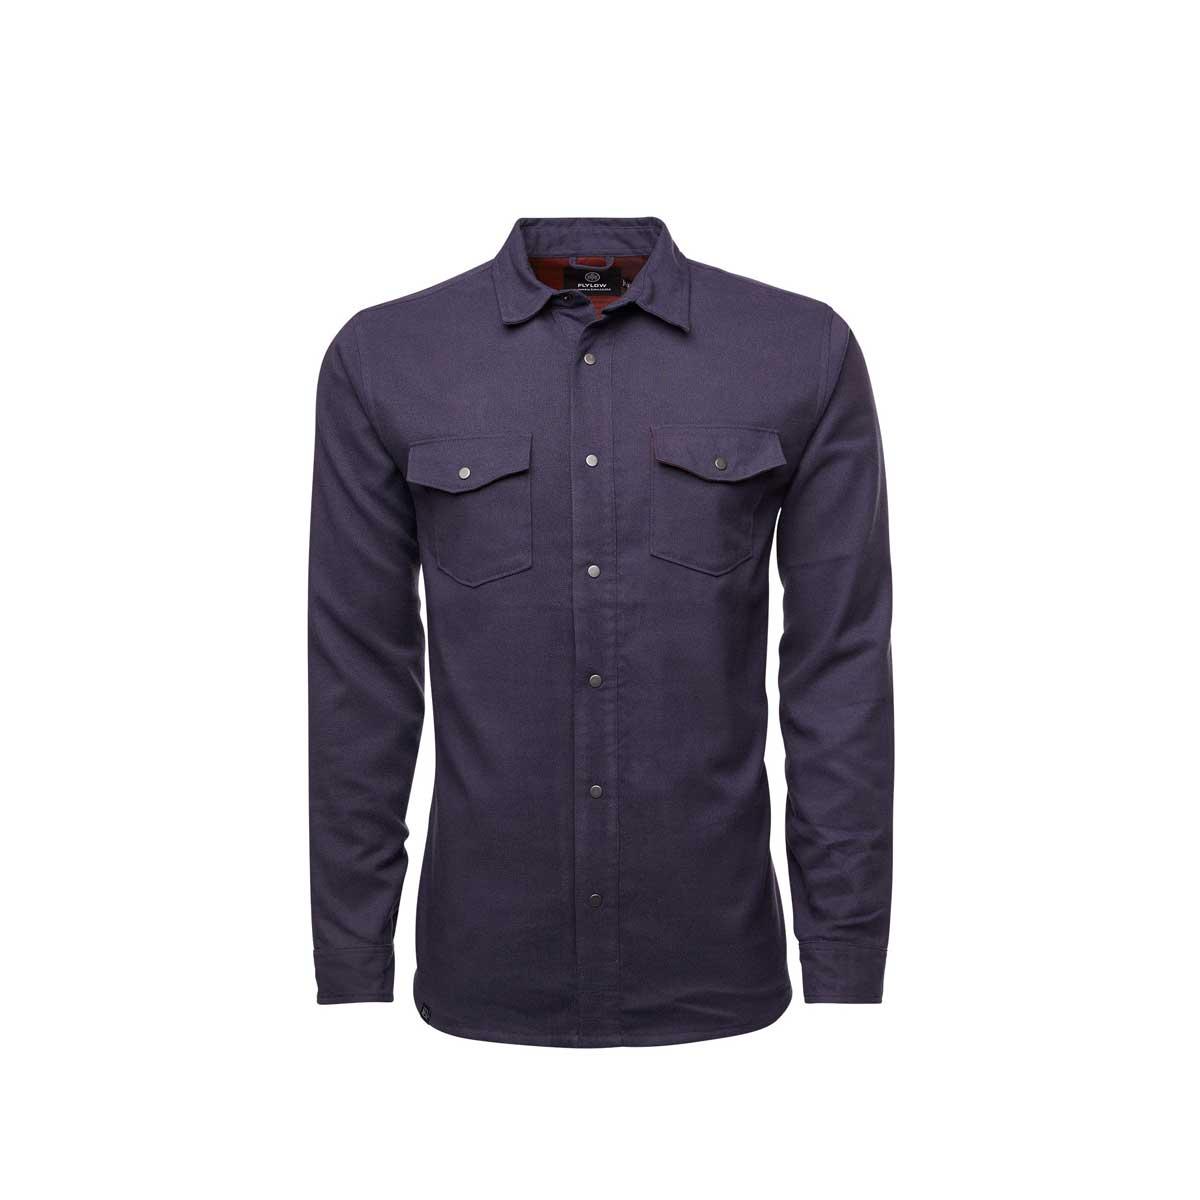 Flylow Brose Work Shirt - Men's